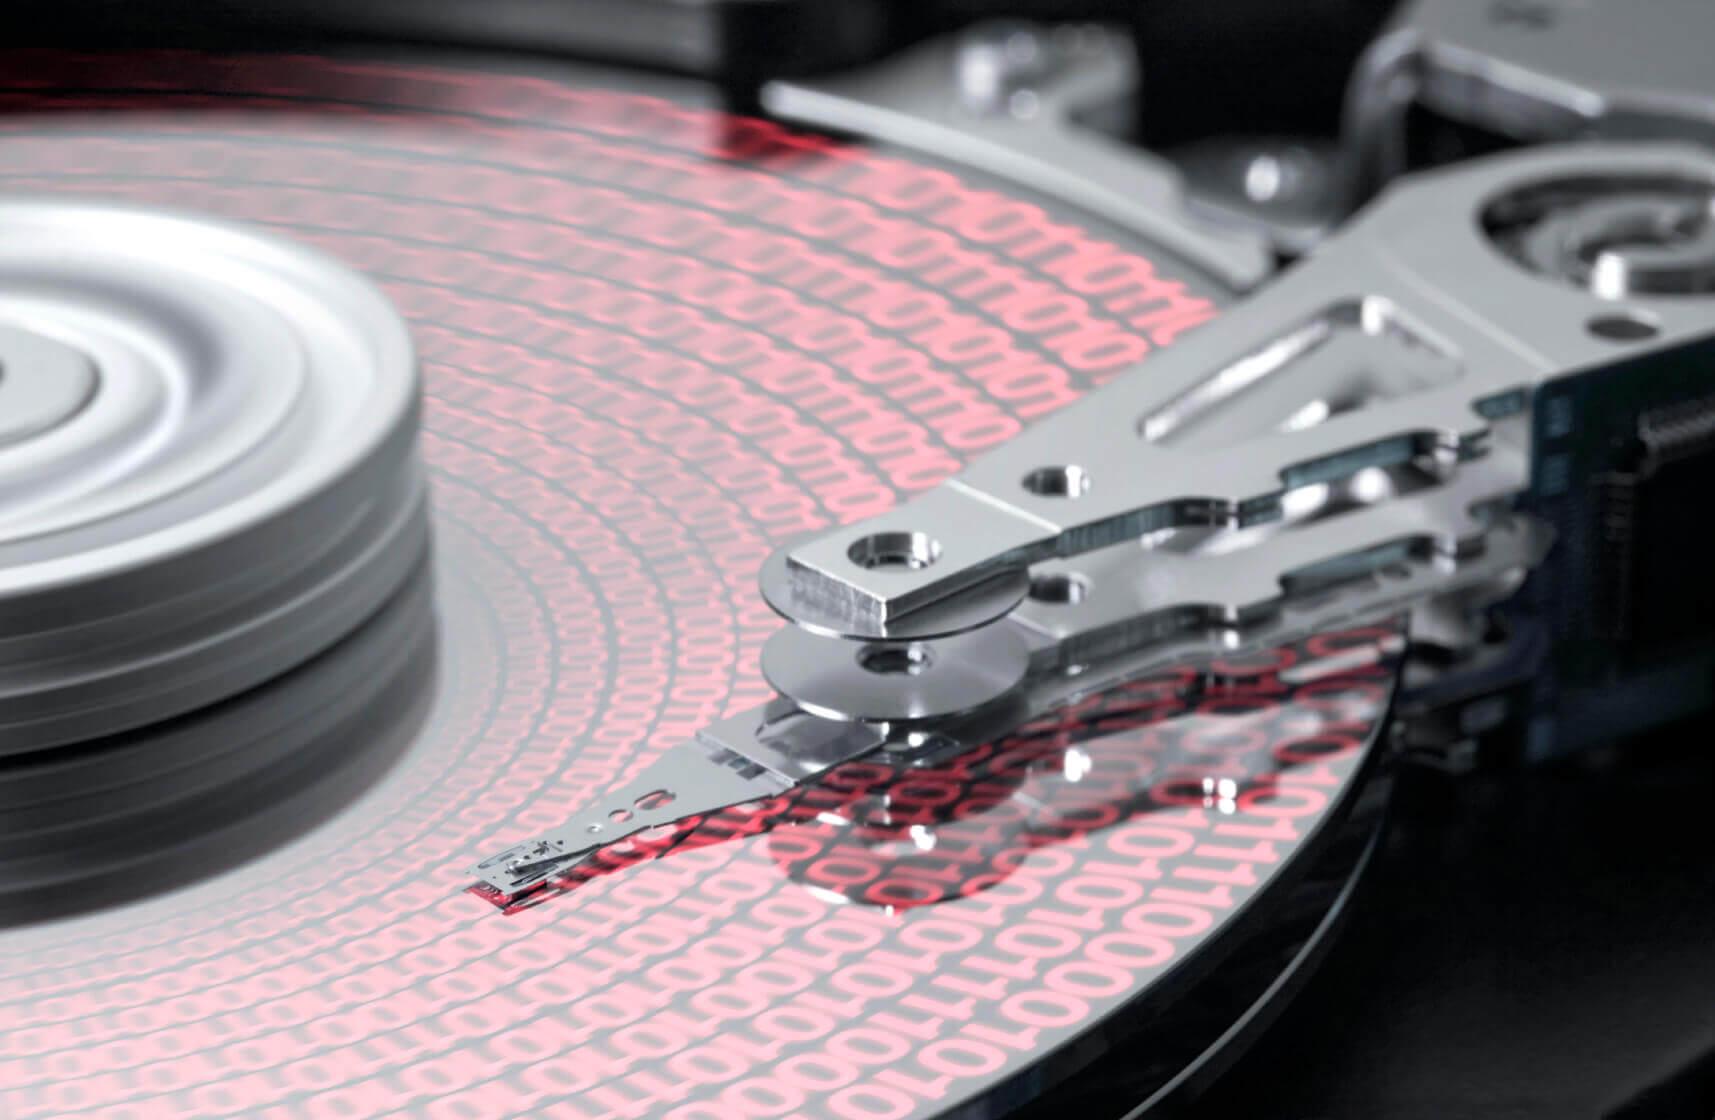 Choisir un disque dur